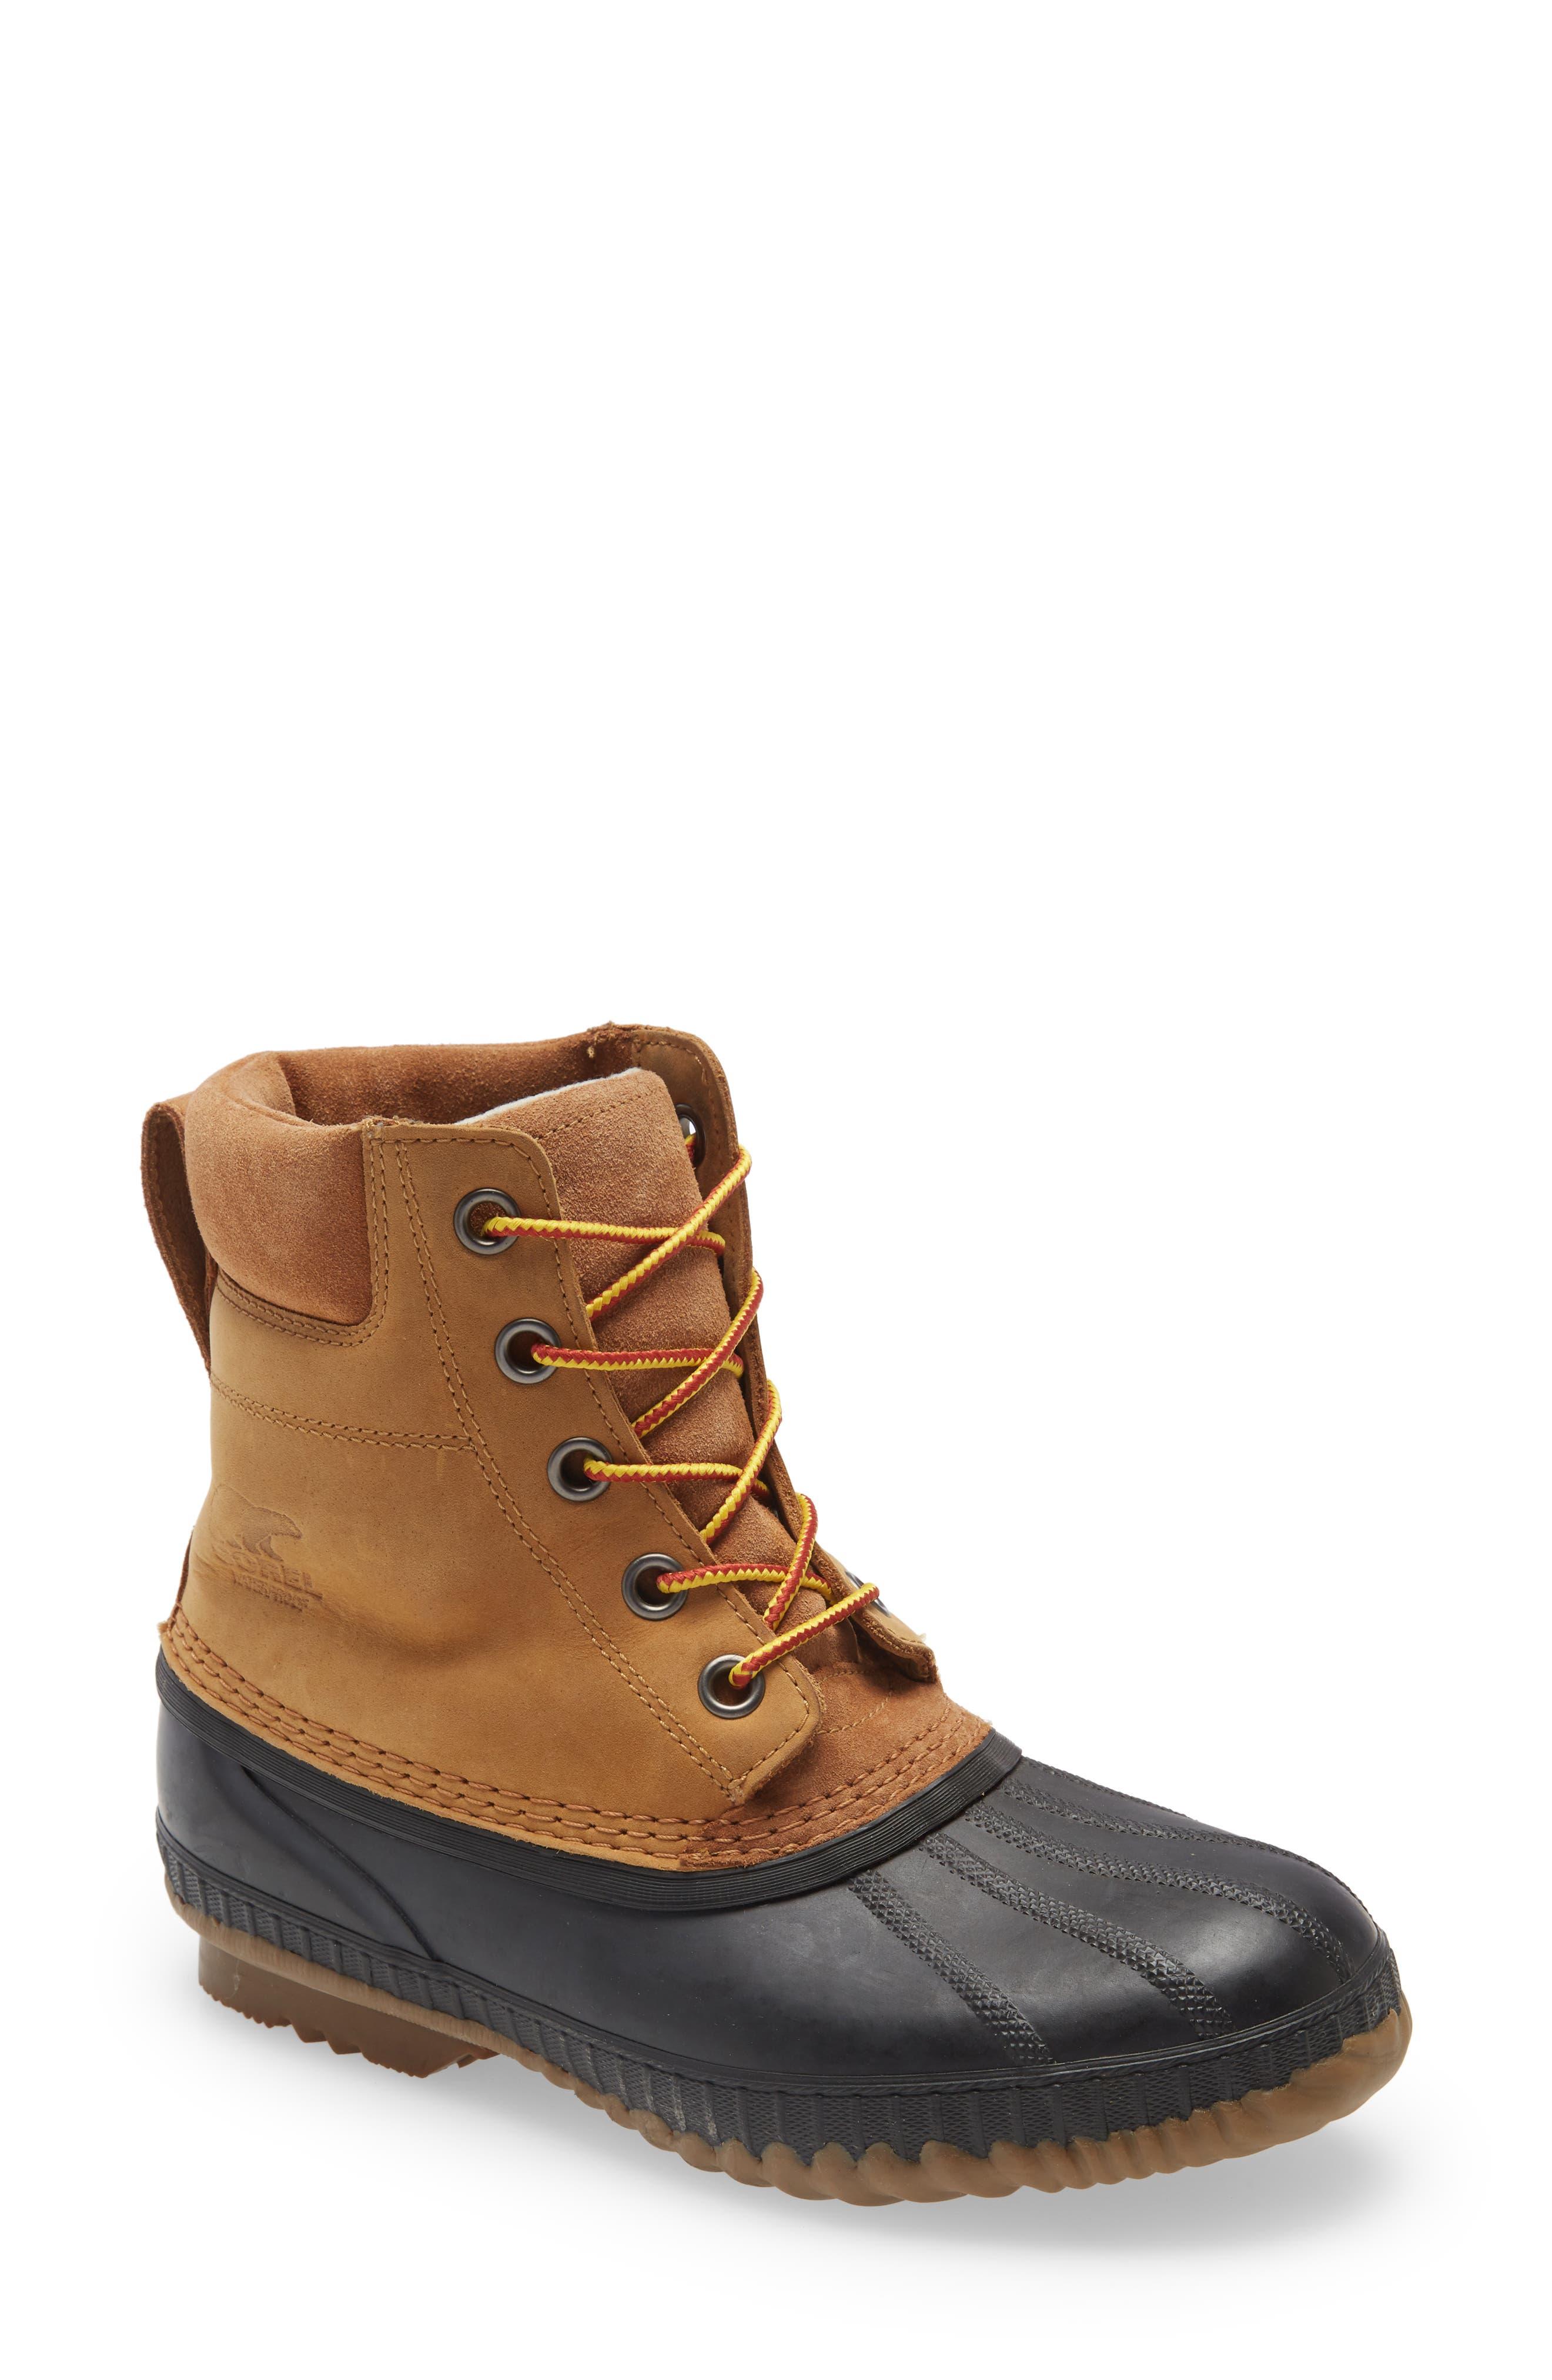 SOREL Cheyanne™ II Waterproof Boot (Little Kid & Big Kid) | Nordstrom